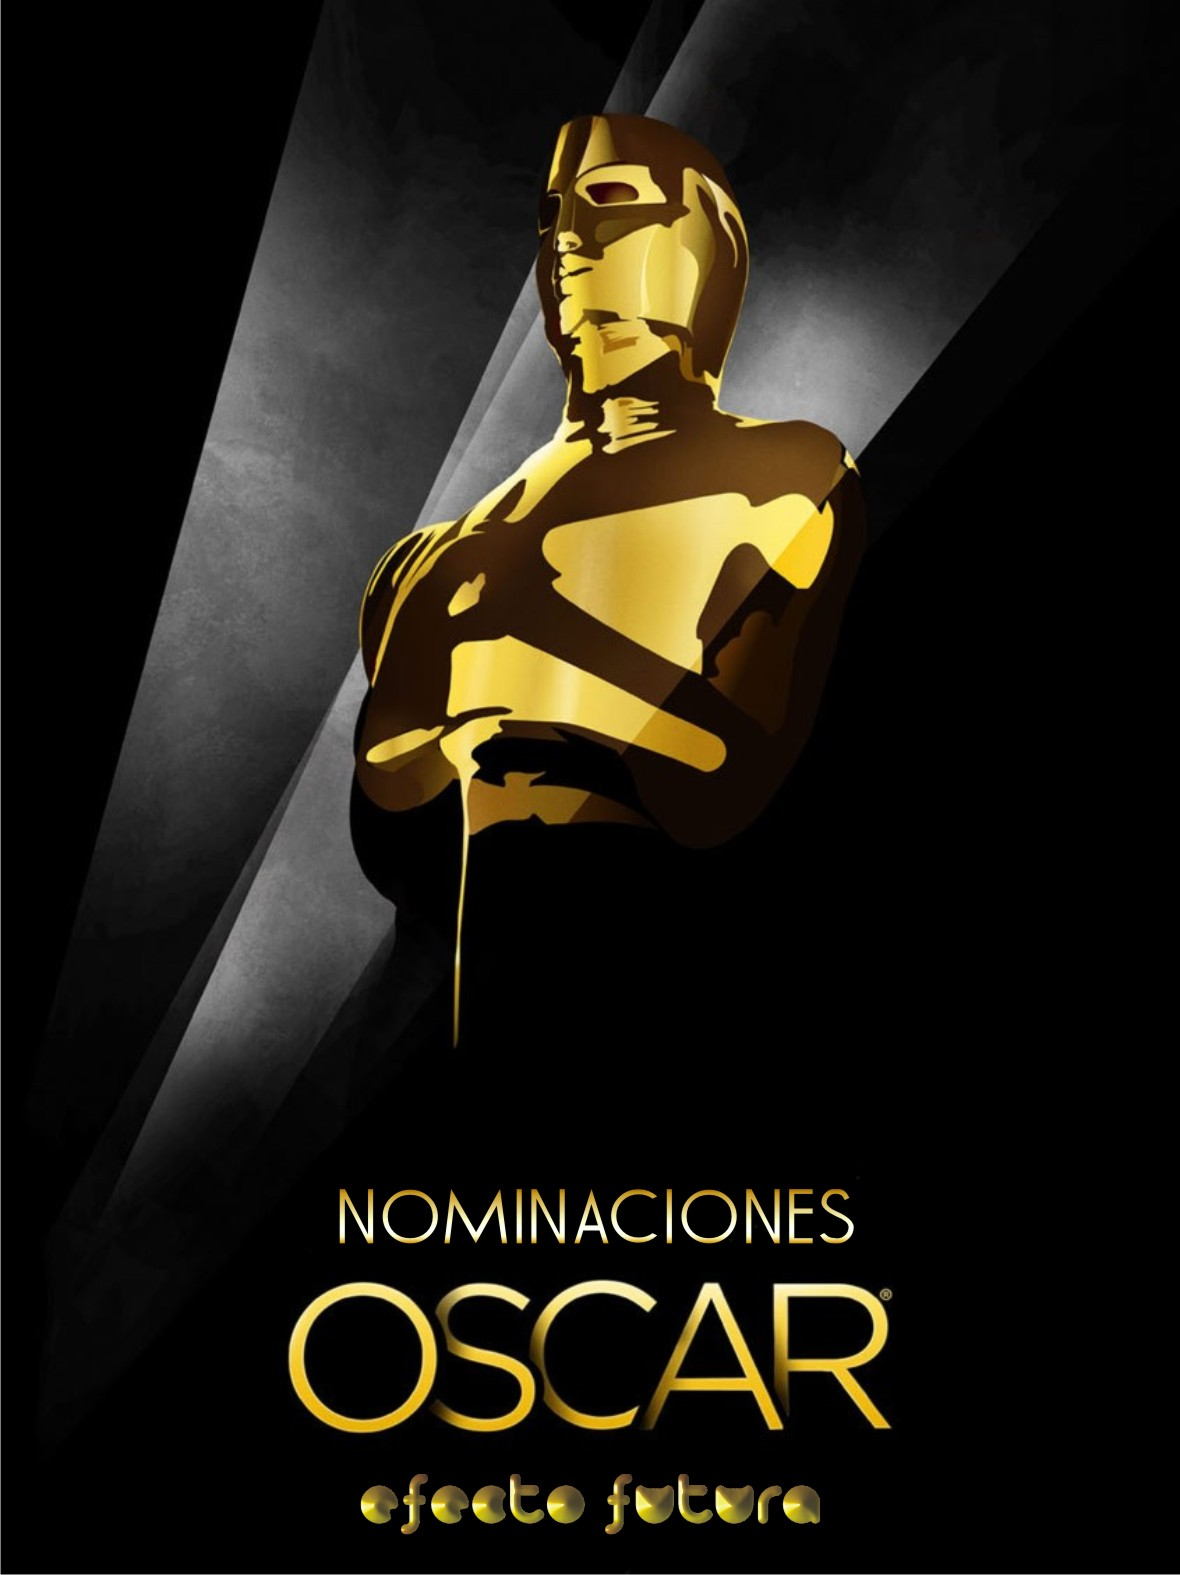 http://2.bp.blogspot.com/_YIEeOpehP90/TUBkdbU-XtI/AAAAAAAAAMQ/XMyYvQmtKVE/s1600/0011_Nomados_Oscar_2011.jpg